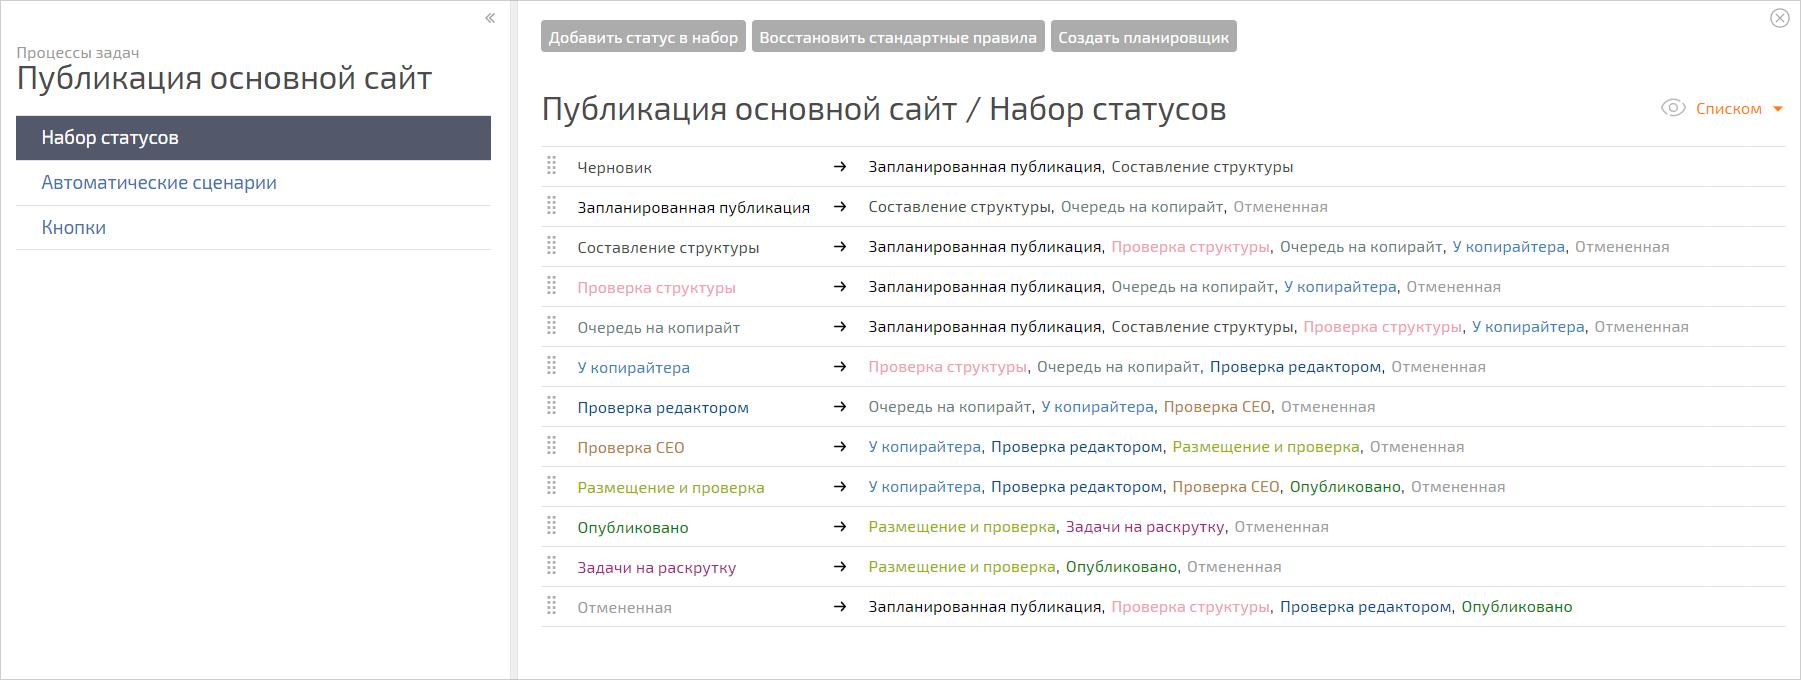 Статусы этапов подготовки публикации